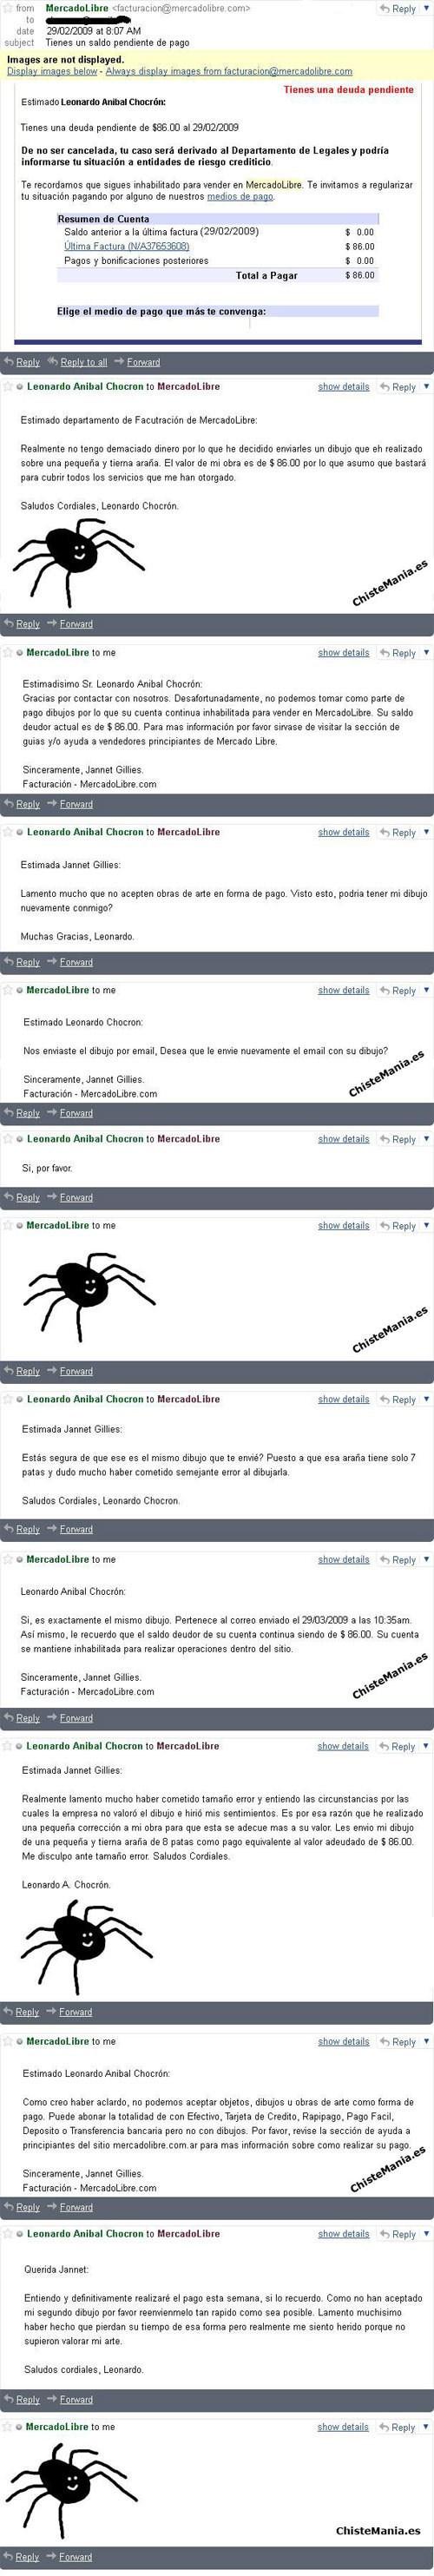 cliente de mercado libre trollea a la pagina con un dibujo de arana